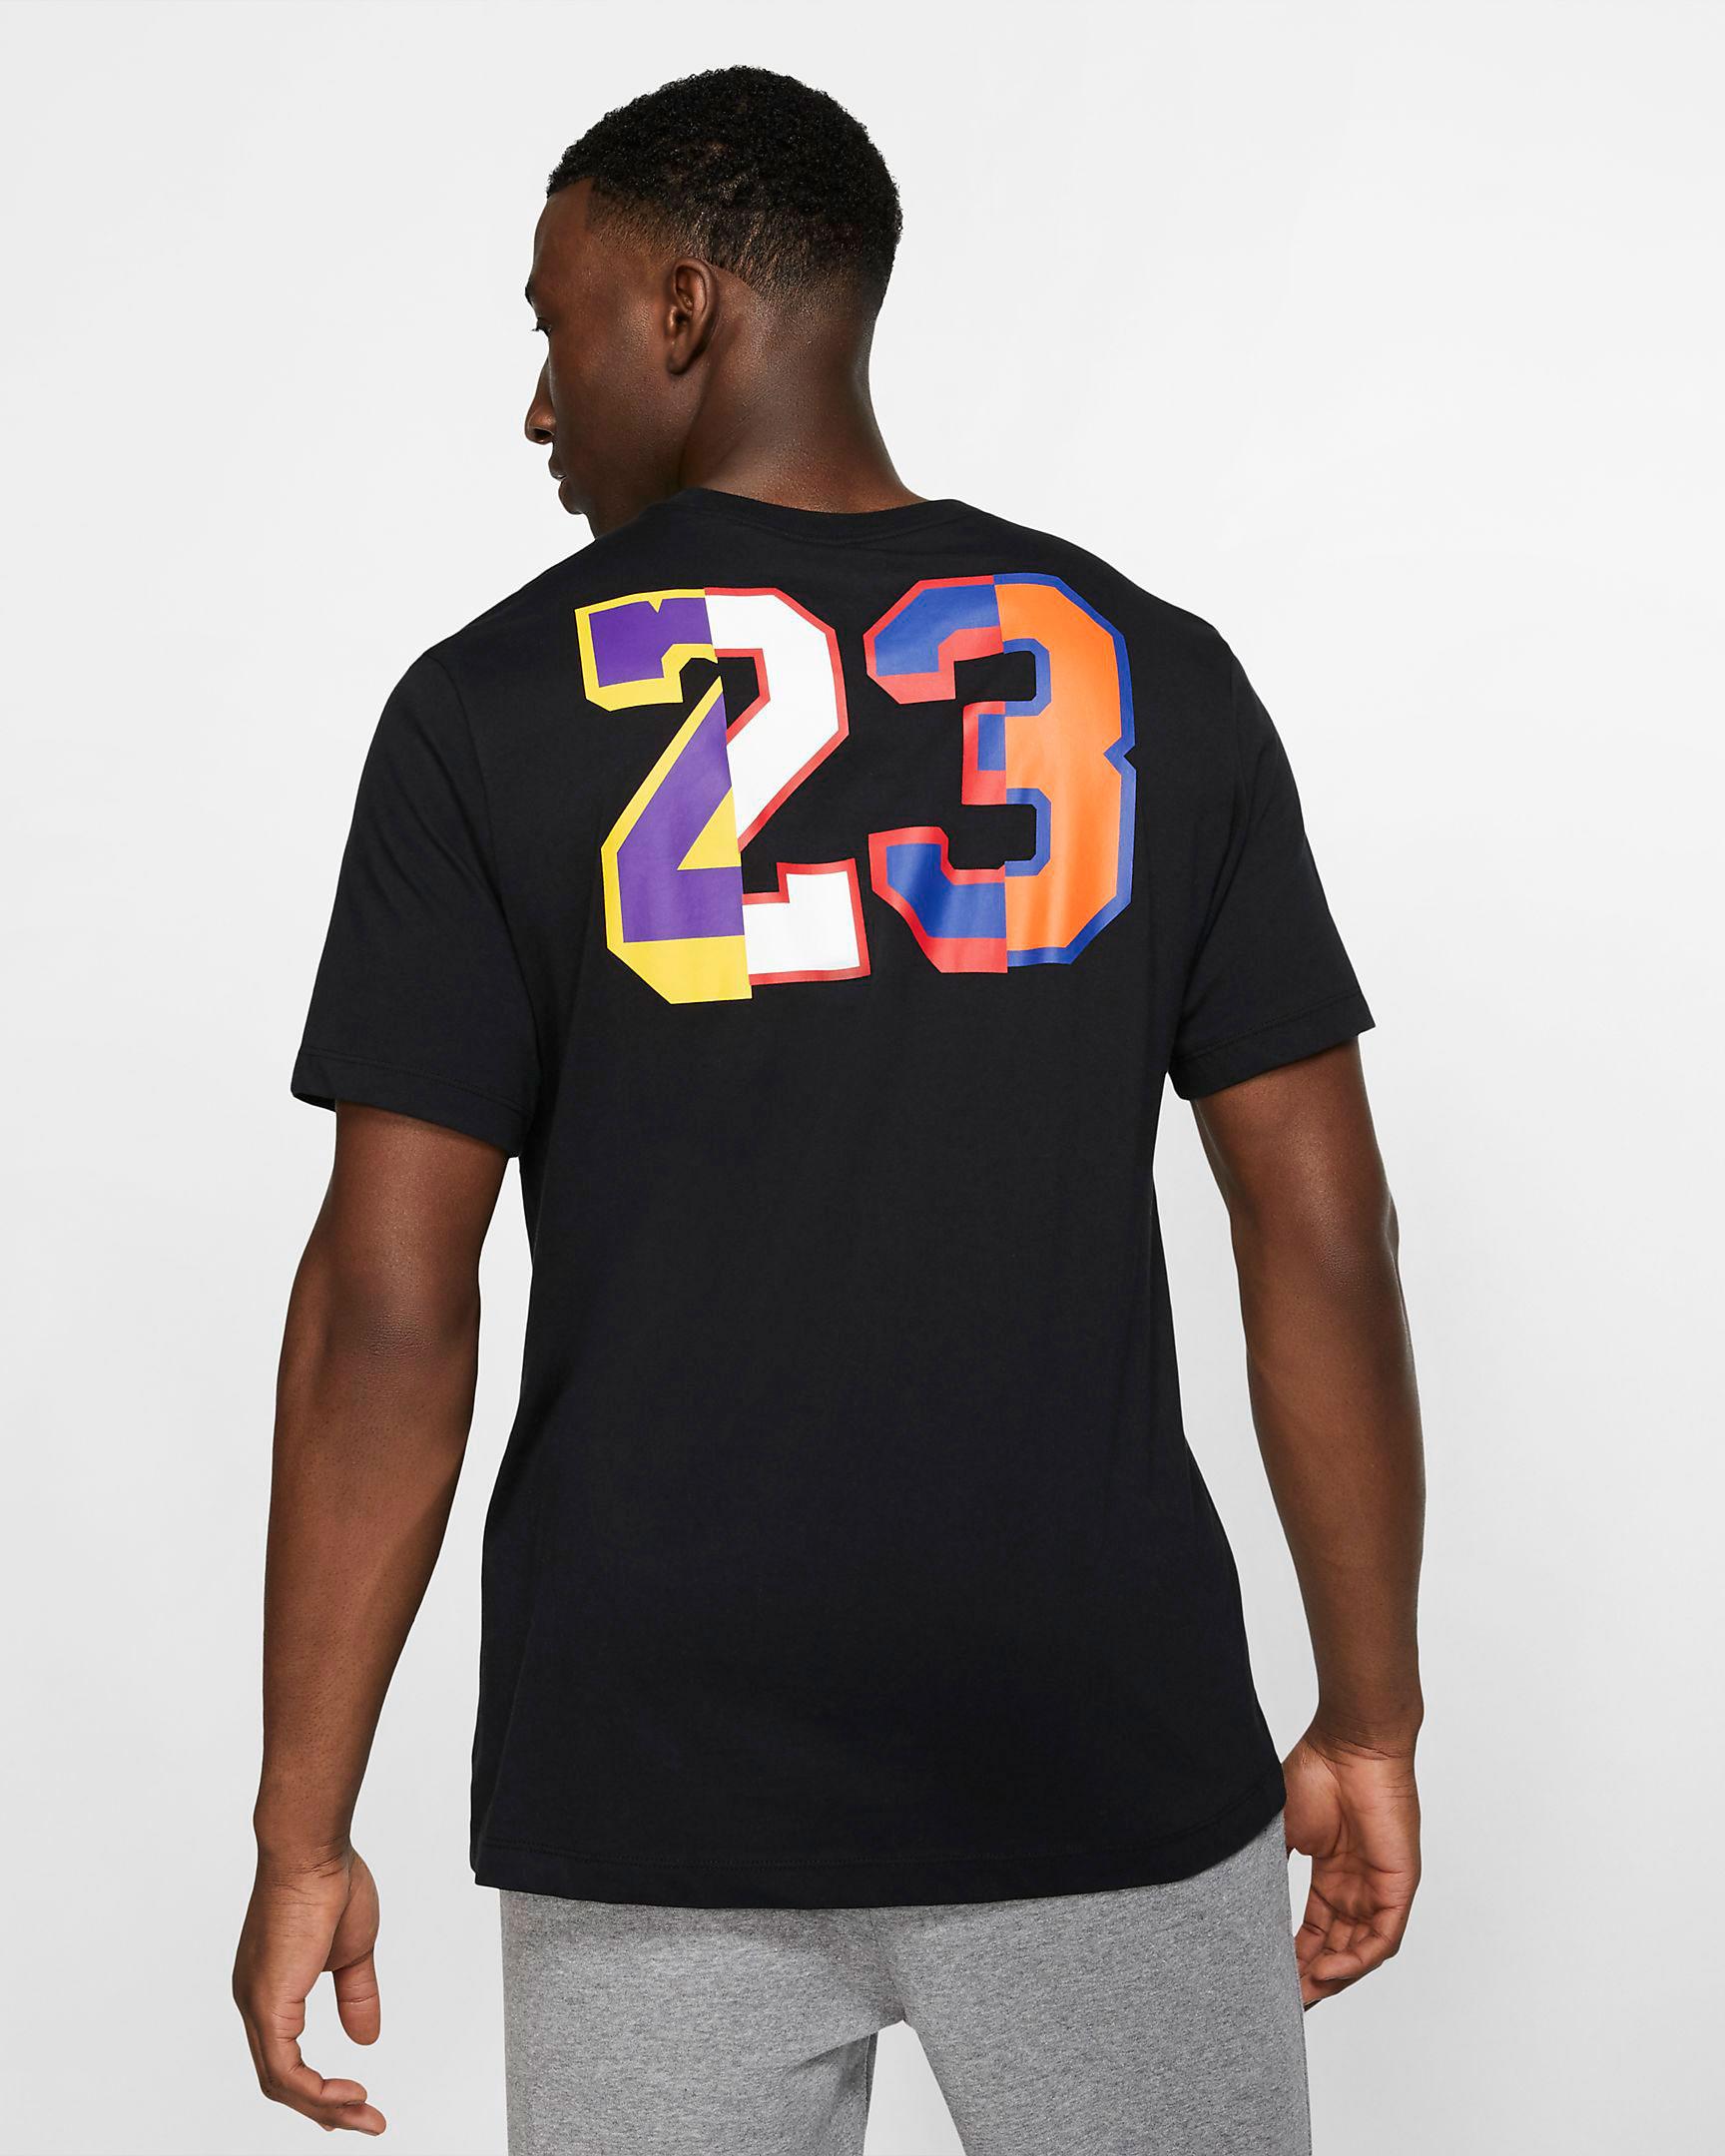 lakers-jordan-13-rivals-tee-shirt-black-2